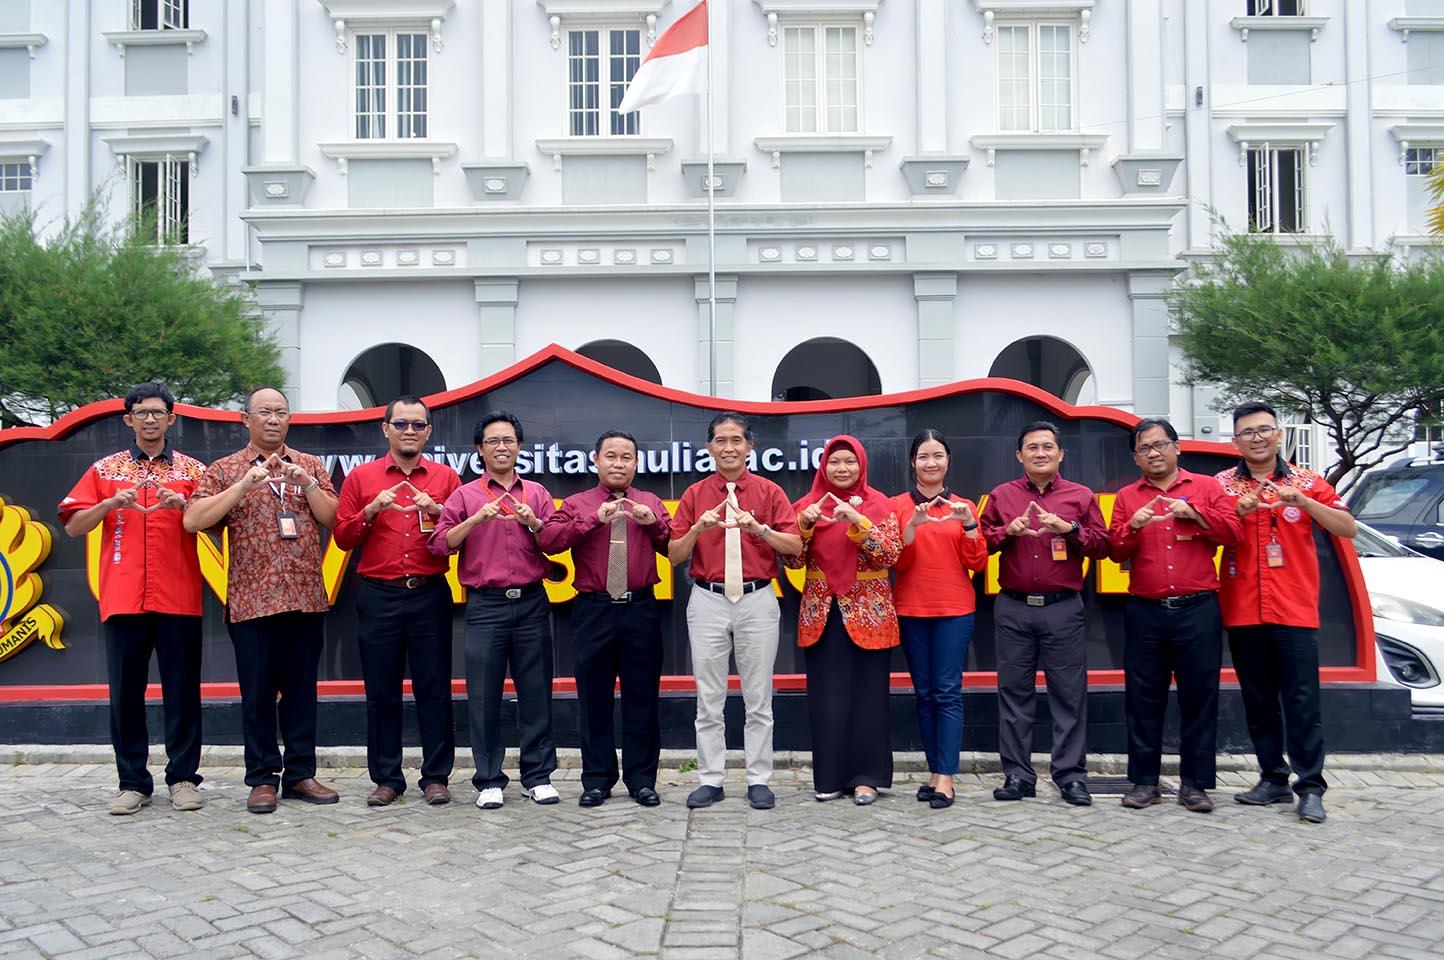 Foto bersama Rektor Dr. Agung Sakti Pribadi, S.H., M.H. di depan Kampus Universitas Mulia. Foto: Biro Media Kreatif